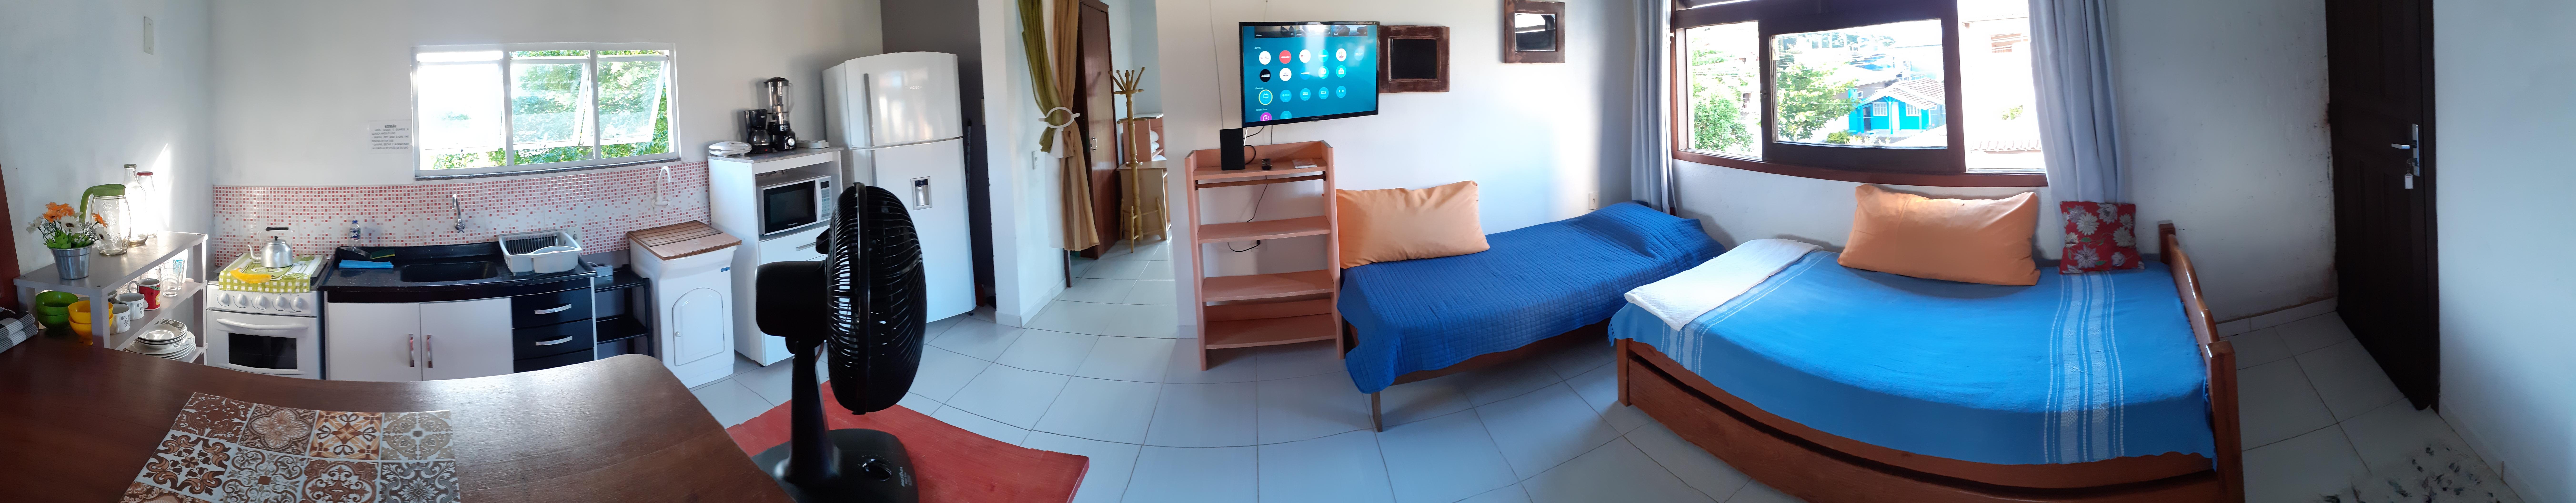 Smart TV, 02 camas de solteiro